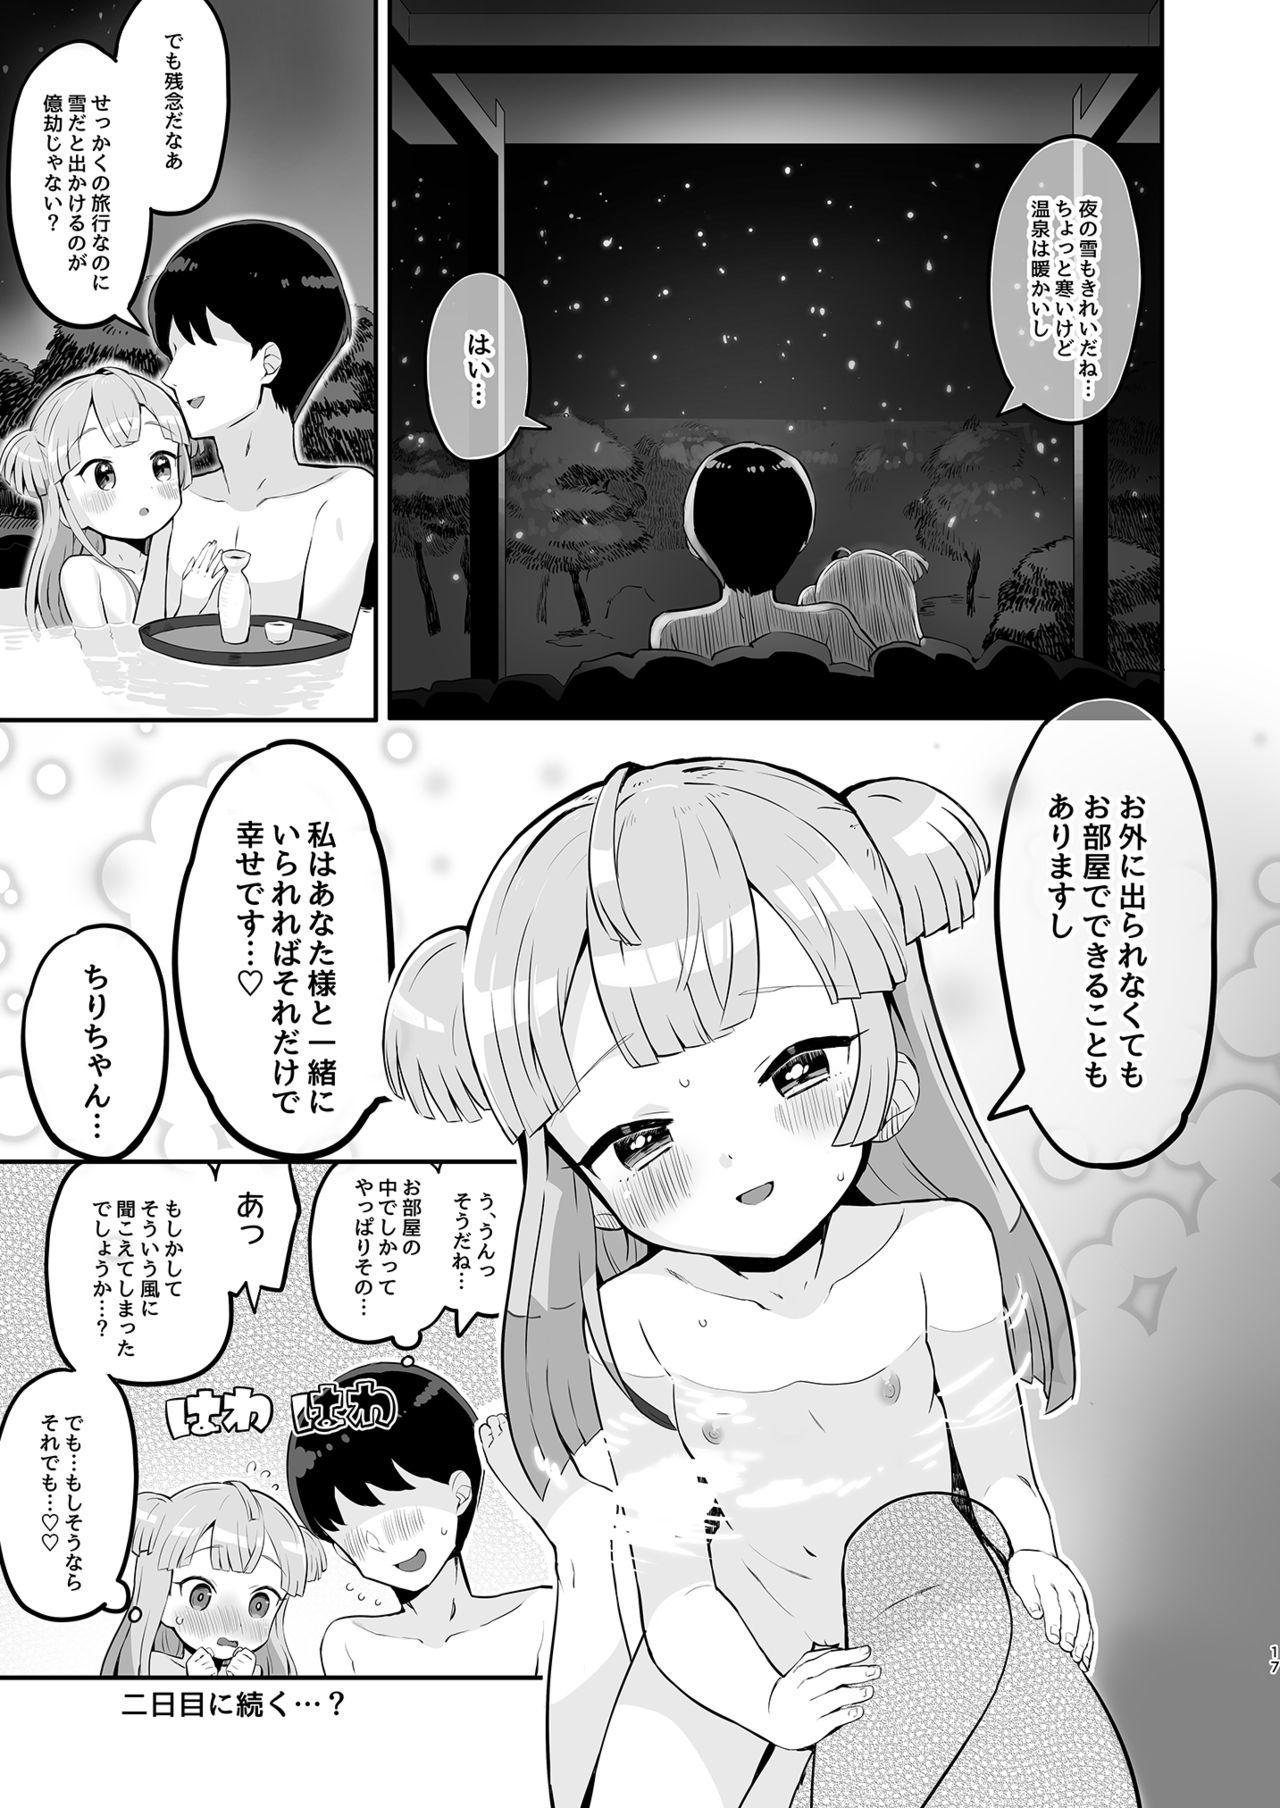 Tsukigawa Chiri to Konzen Ryokou 16